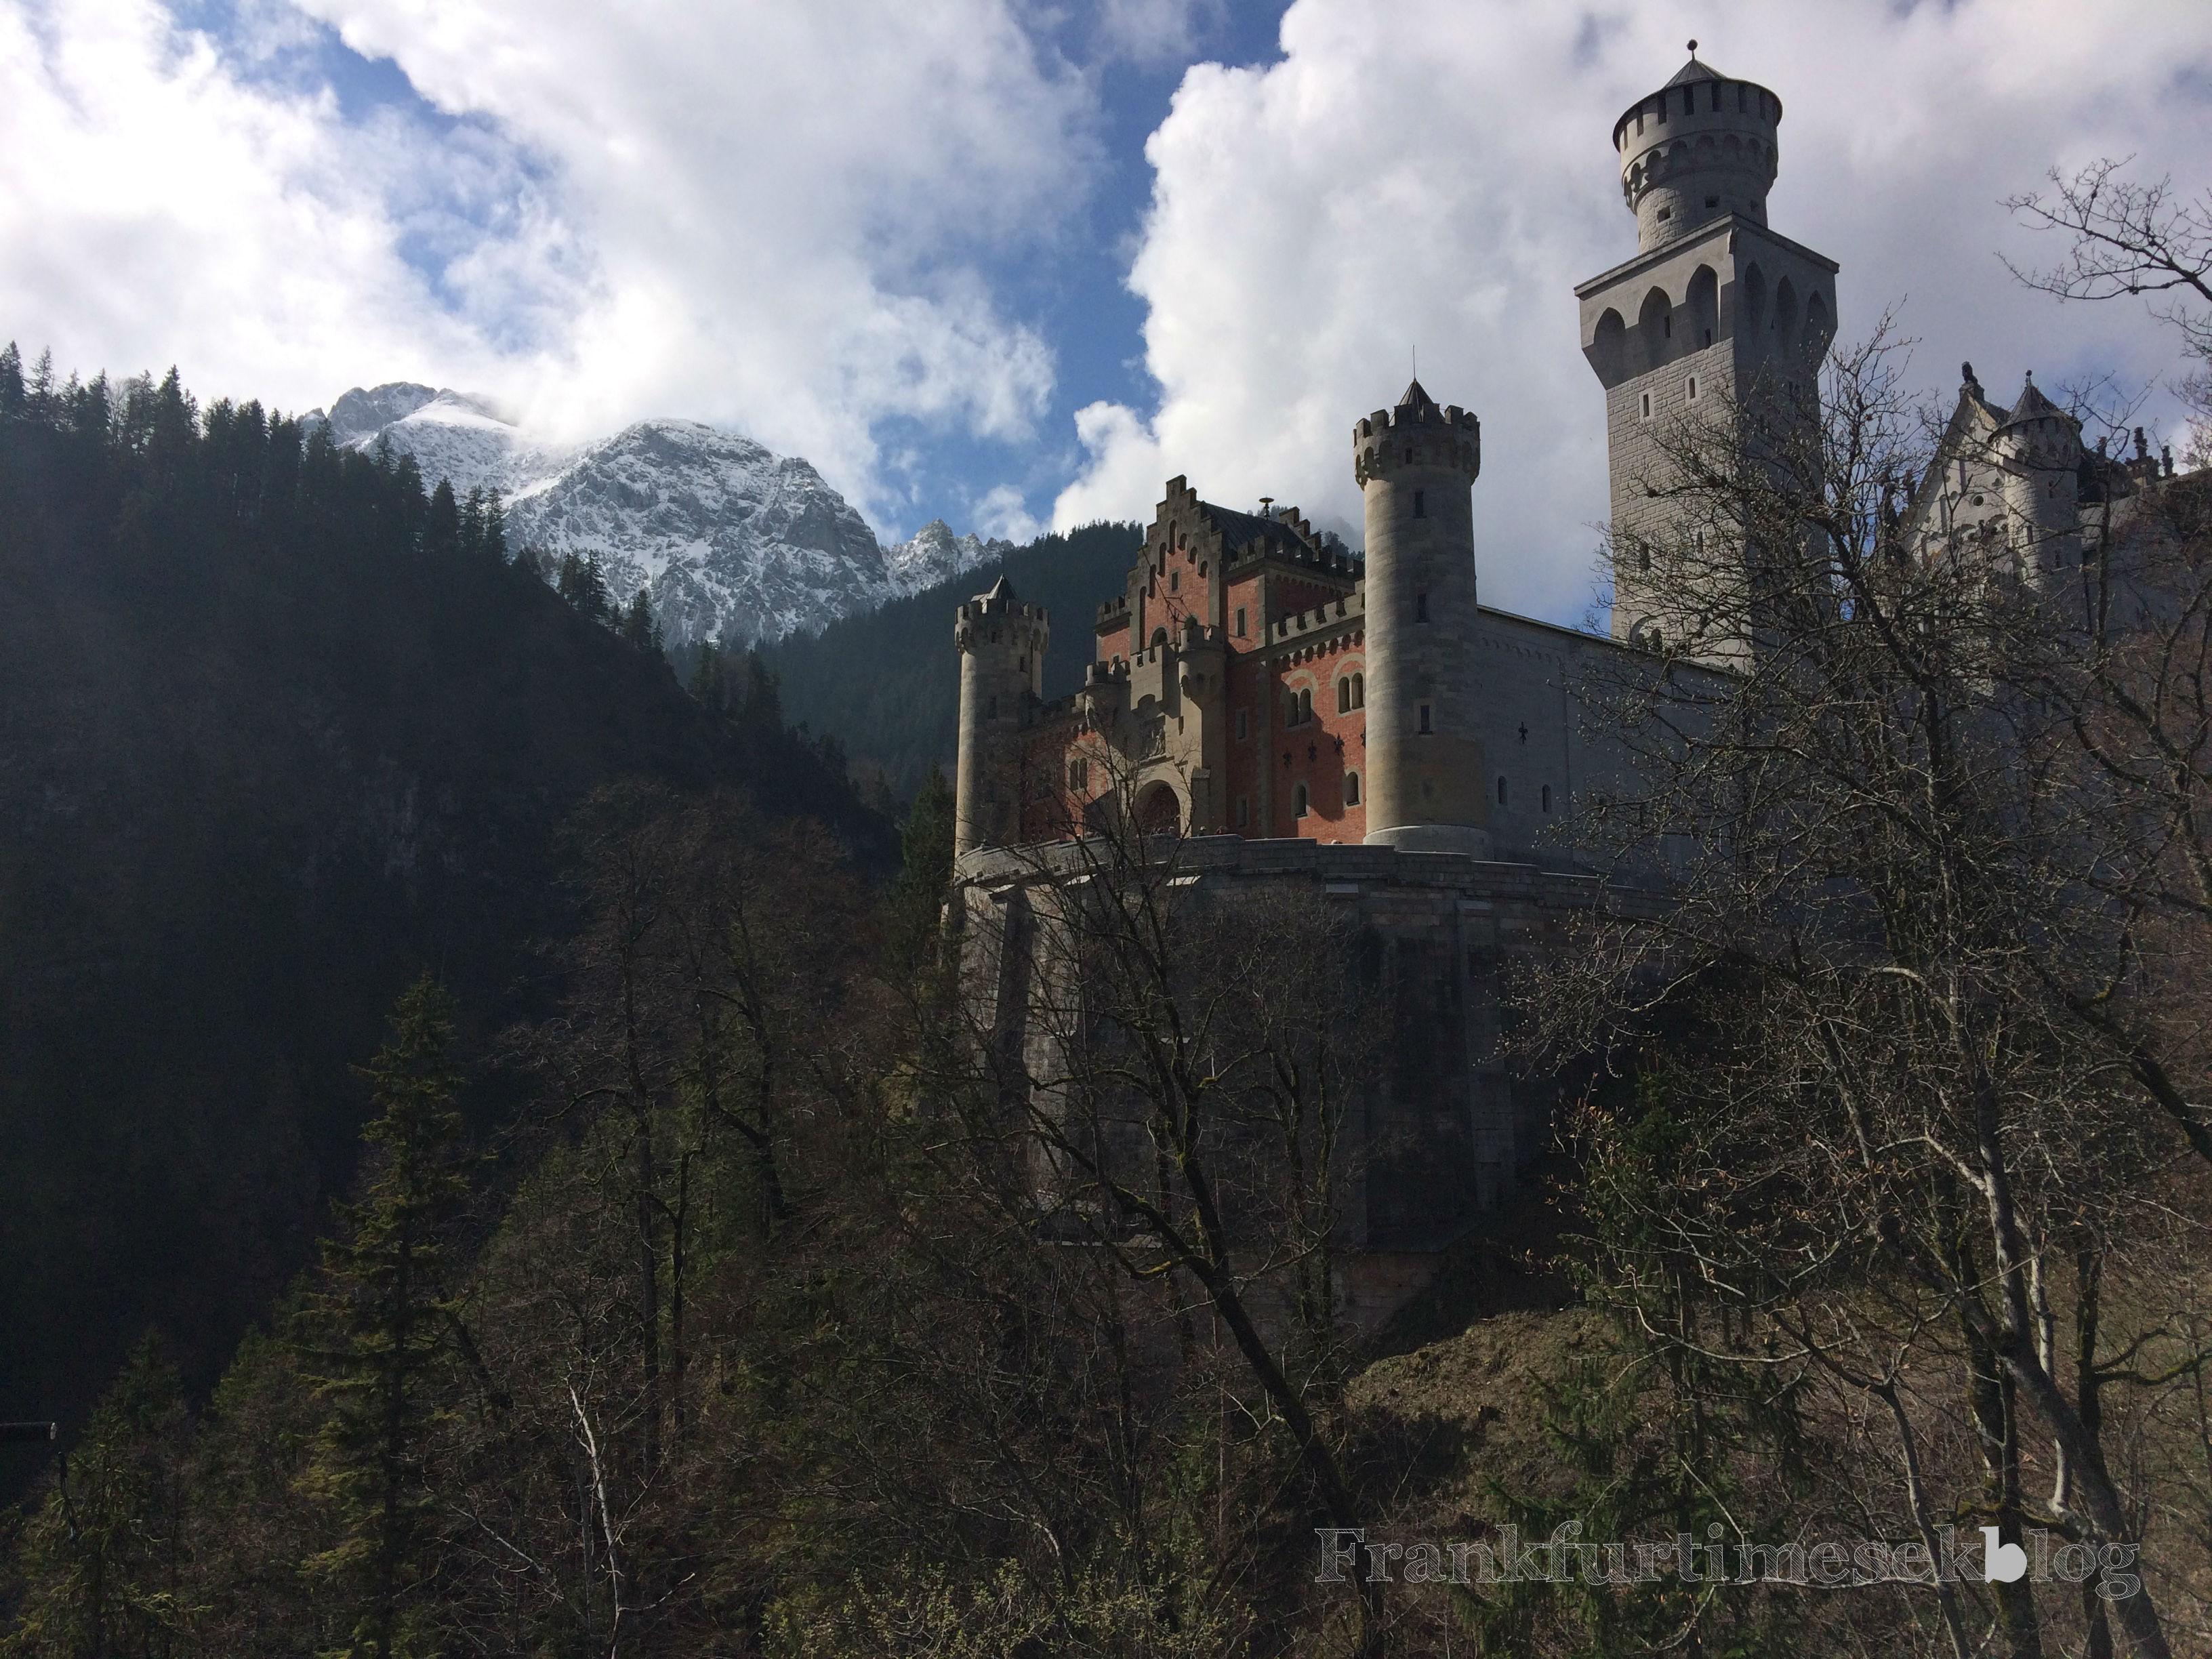 Bajorországi kirándulás - Neuschwanstein kastély és egy kunyhó az erdő közepén